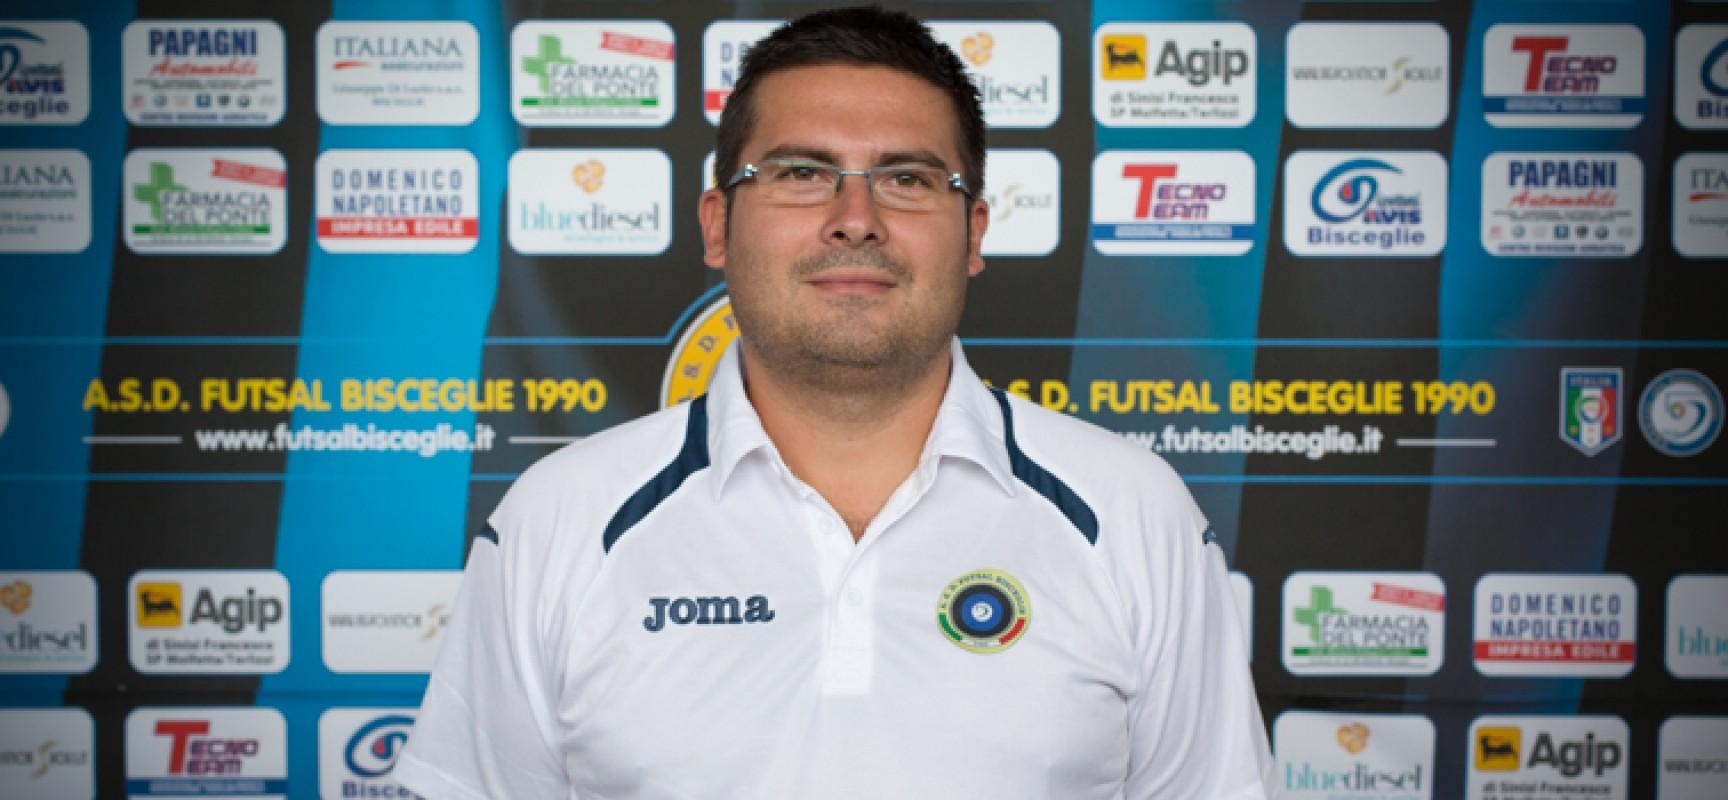 Calcio a 5: Diaz, Gianluca Valente è il nuovo responsabile della comunicazione